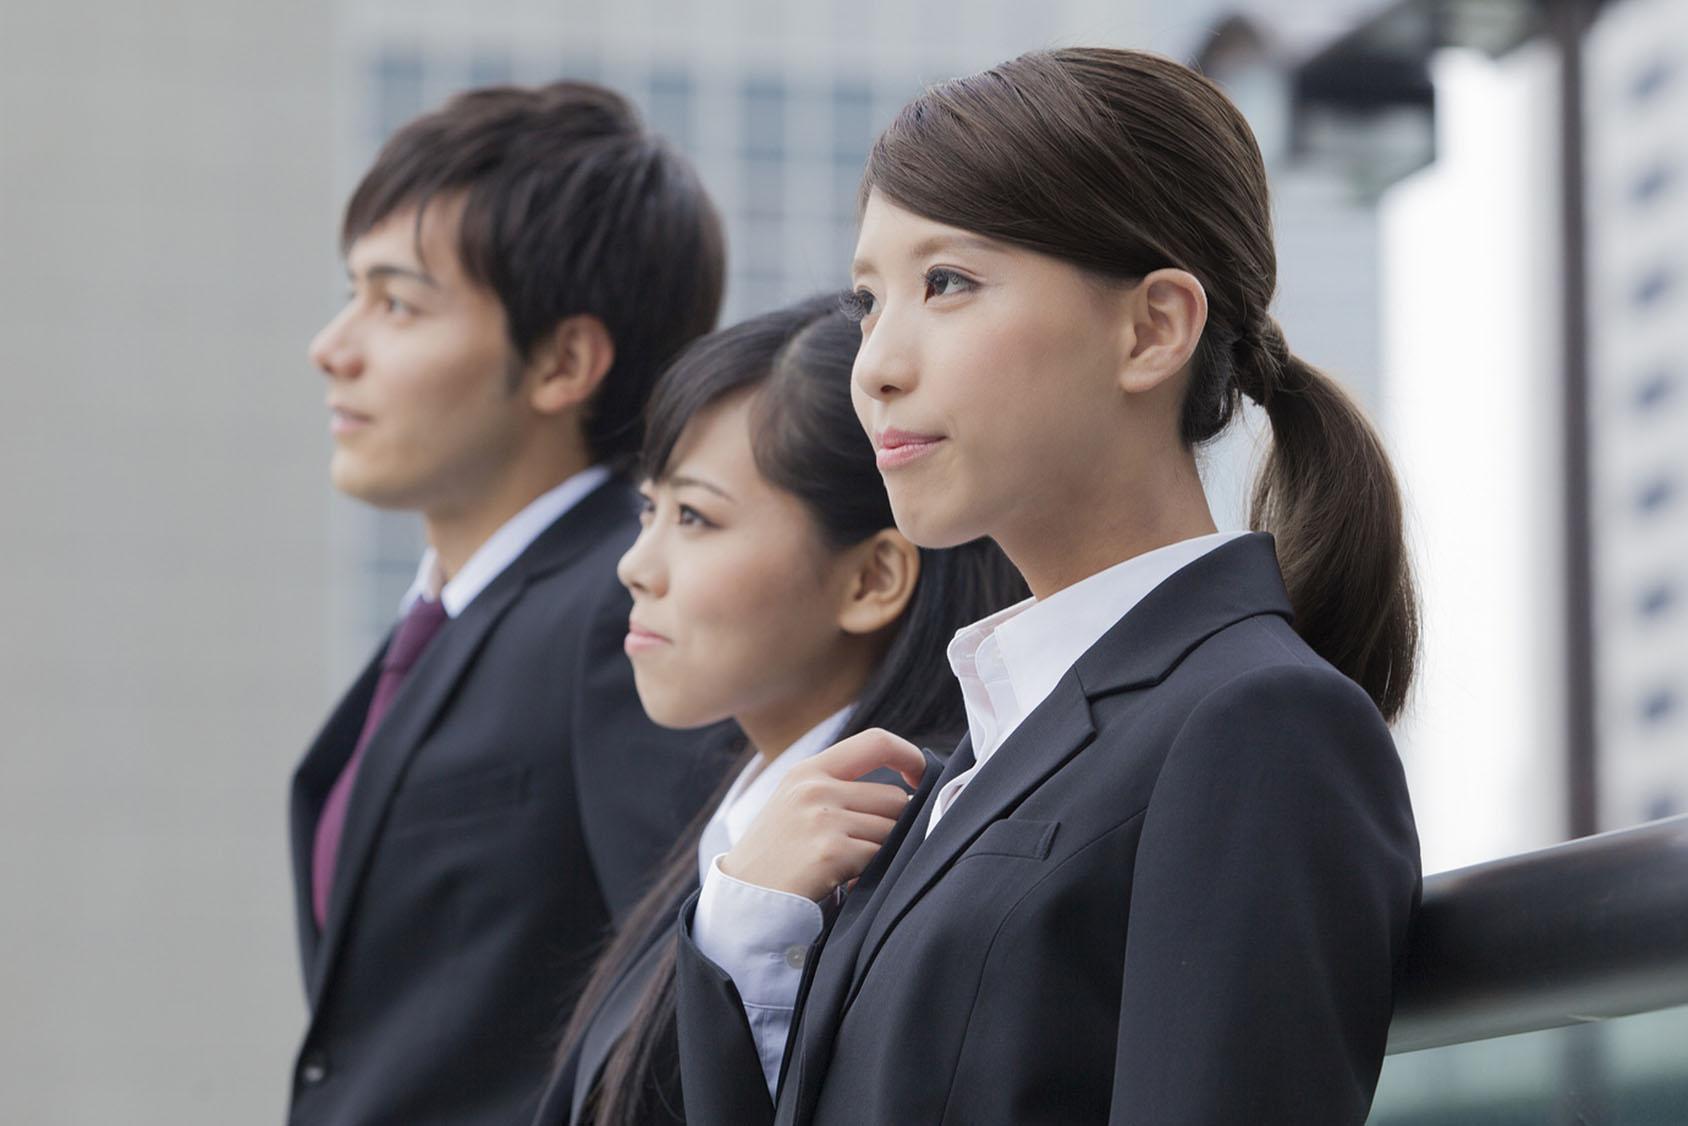 新入社員向けキャリアデザイン研修